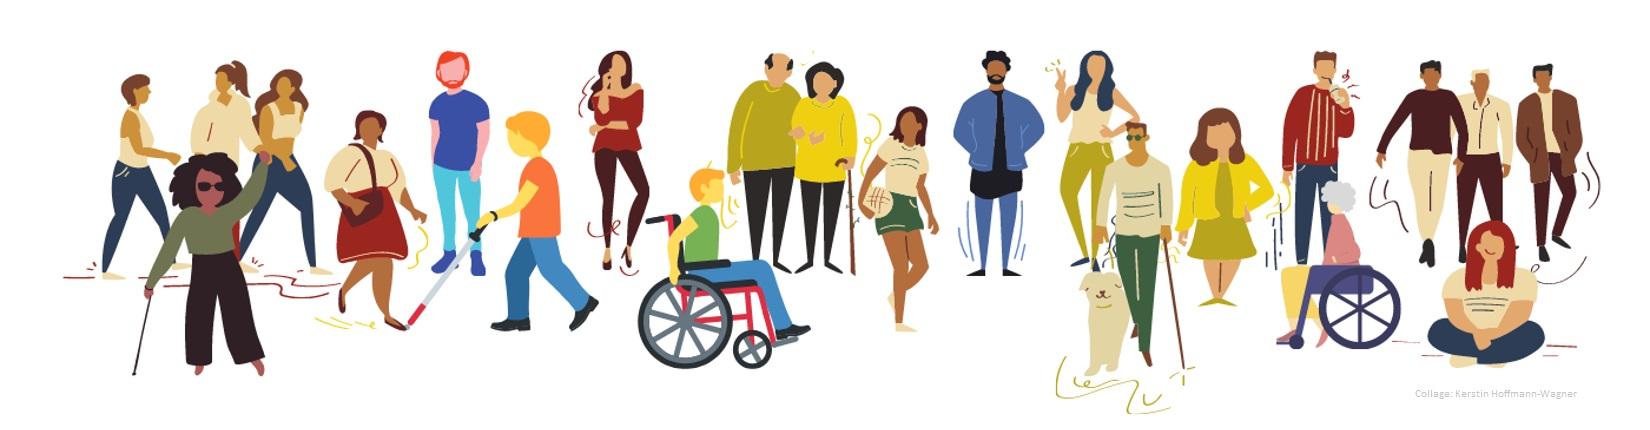 Beispielbild für die Vielfalt der Gesellschaft und Inklusion. Collage von Kerstin Hoffmann-Wagner